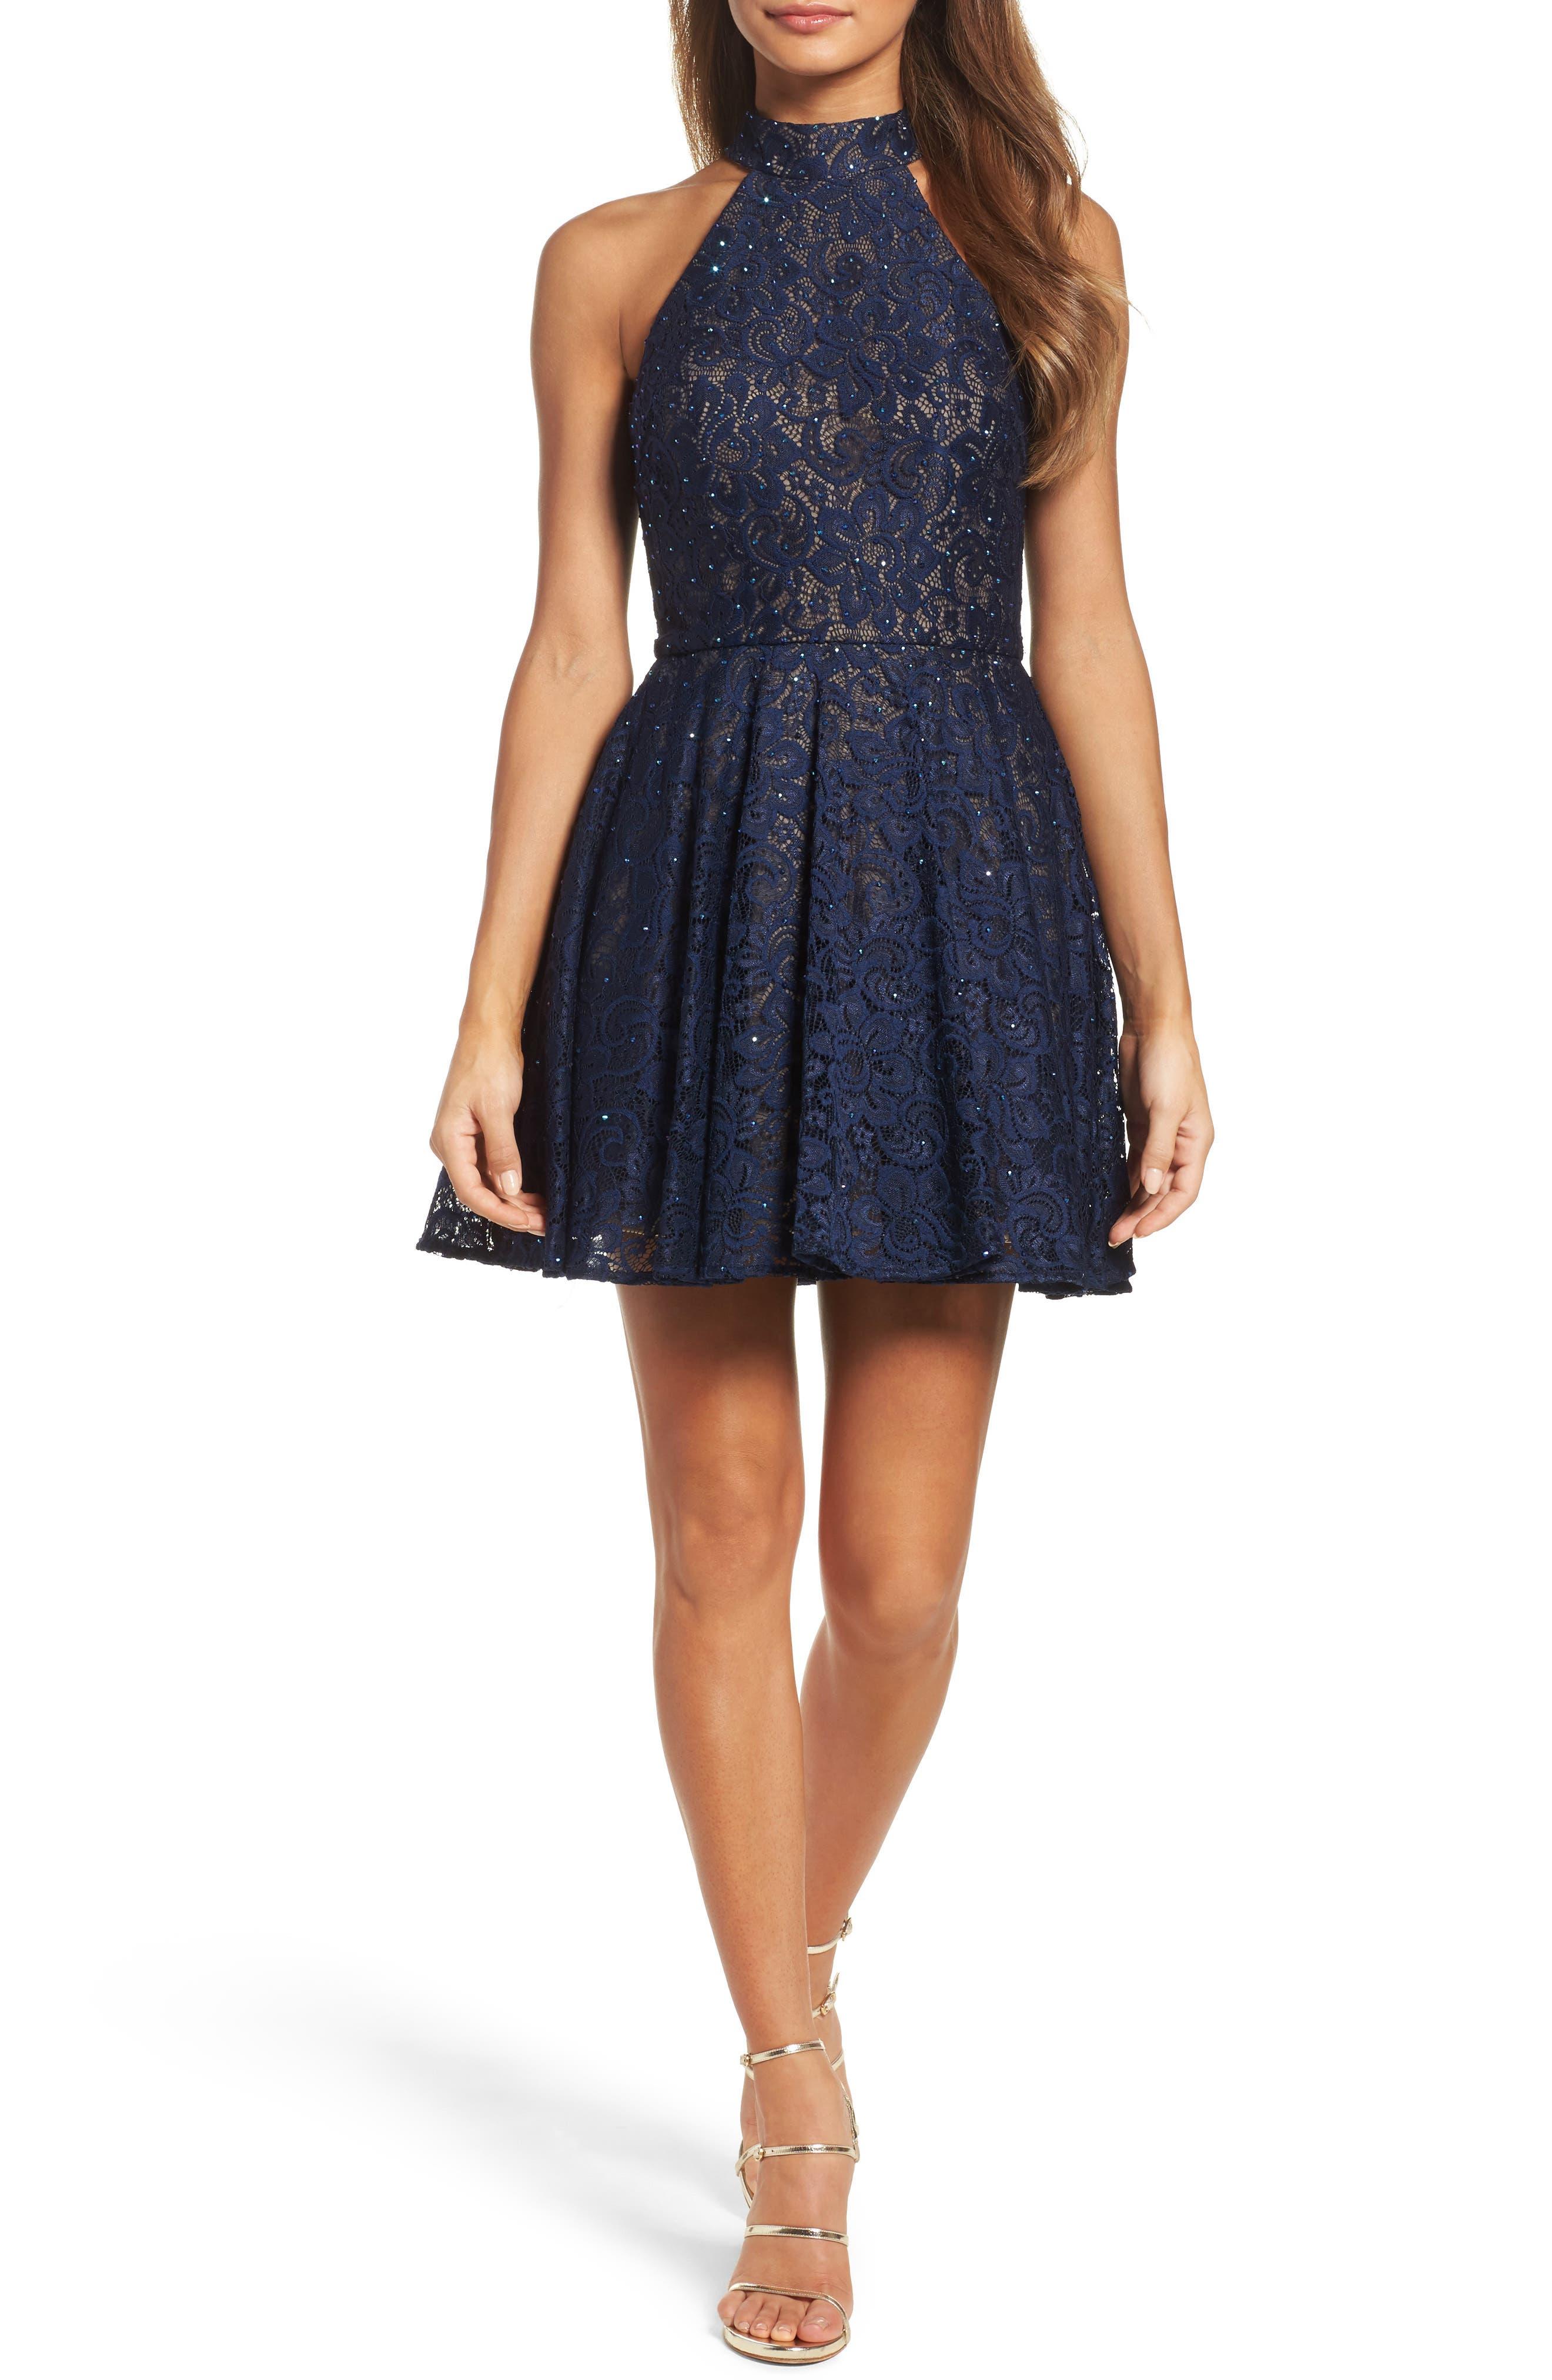 La Femme Lace Halter Style Dress